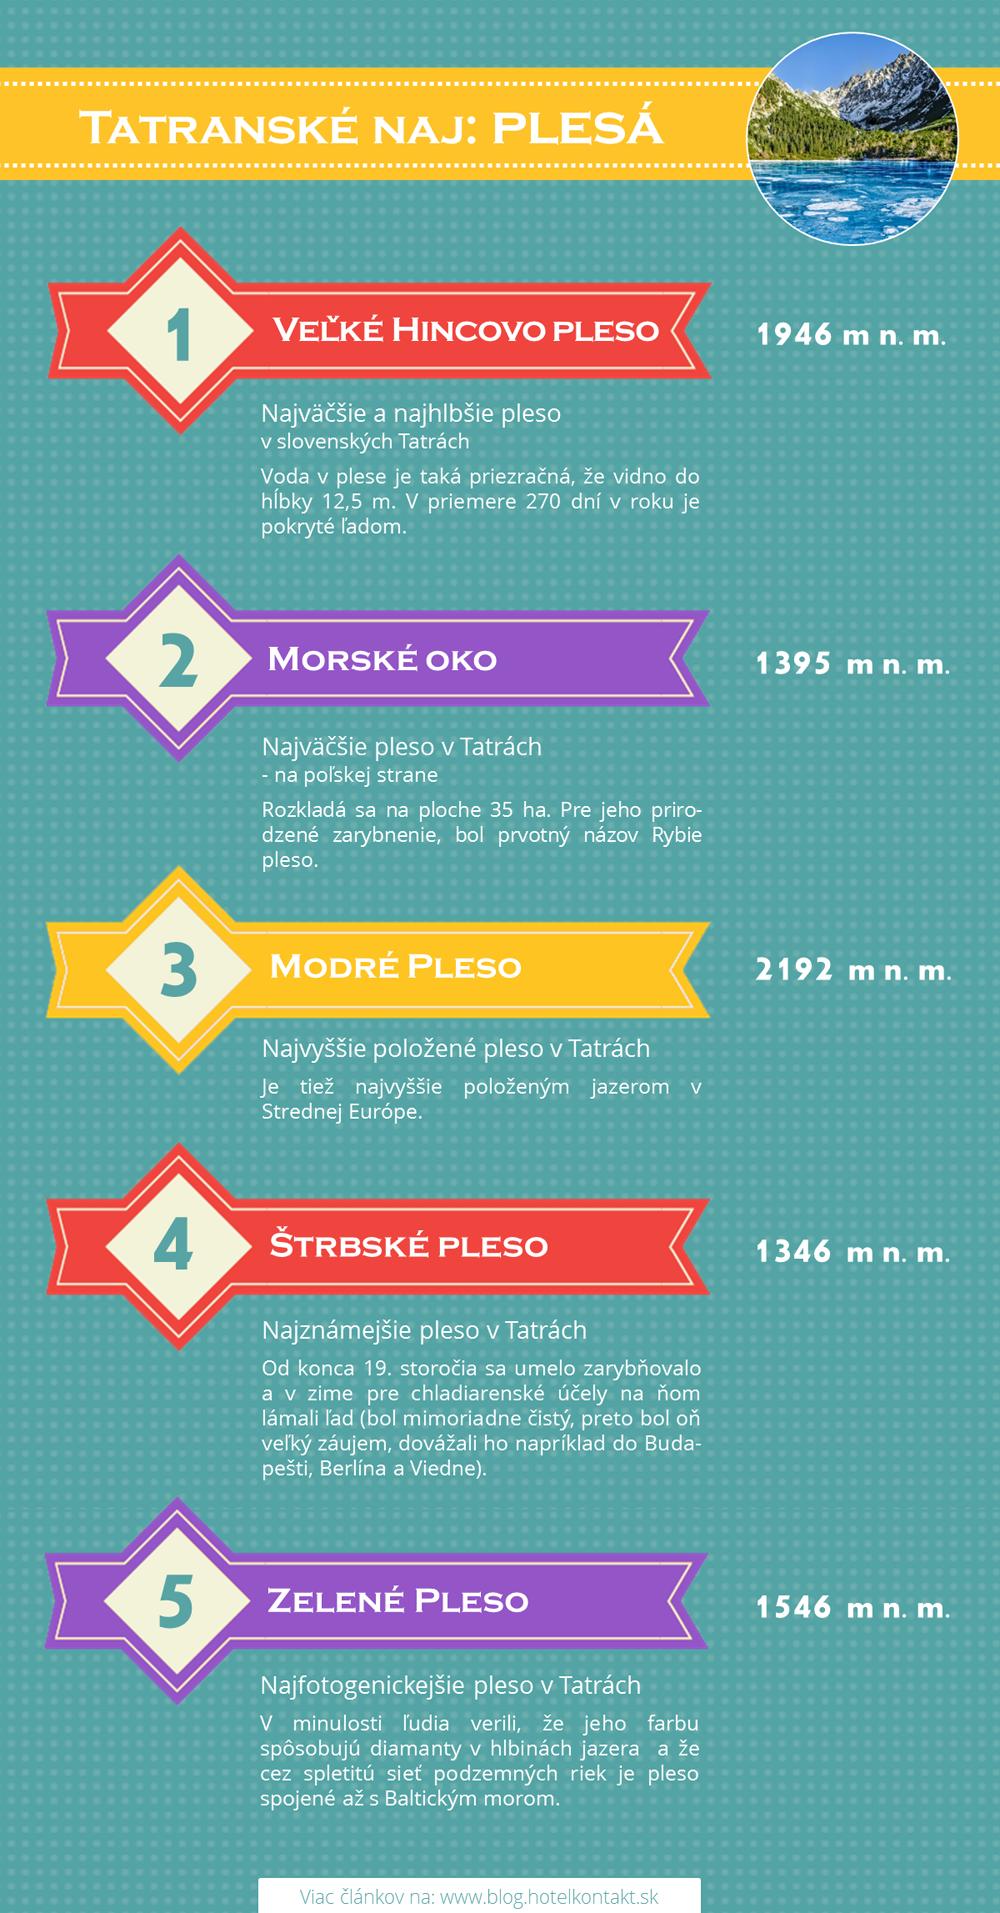 Infografika-tatranske-naj-plesa